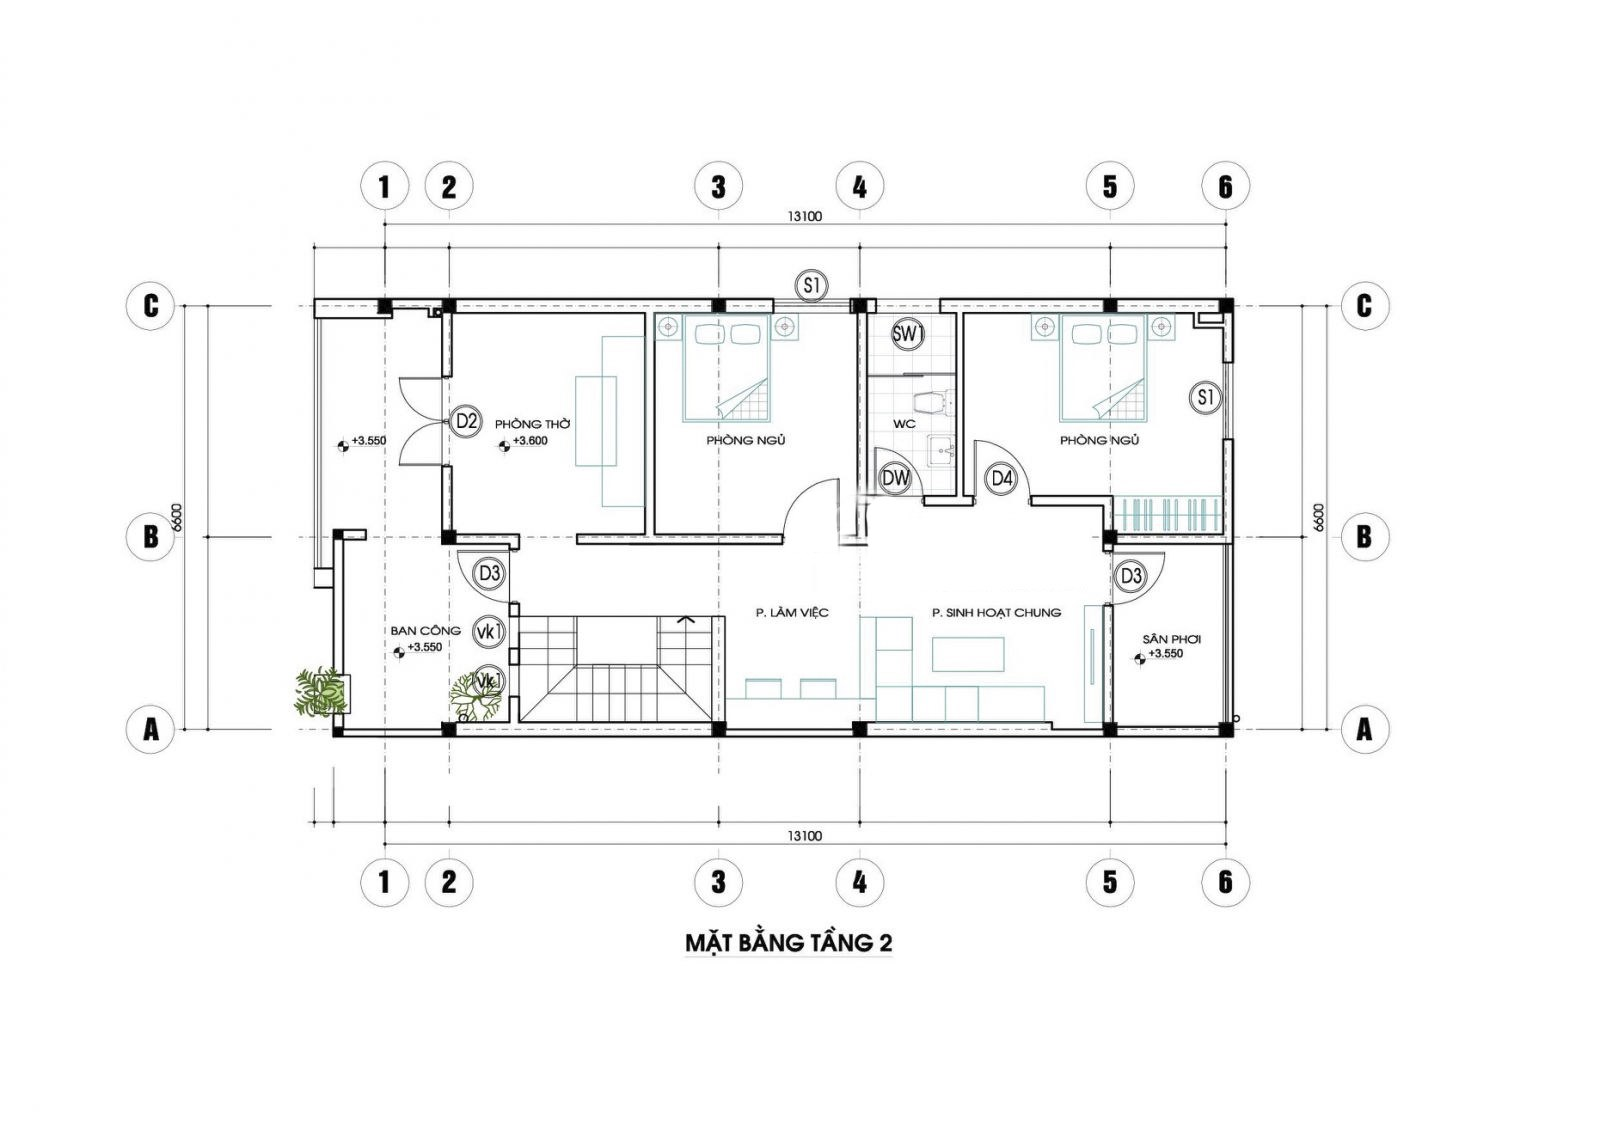 Mặt bằng tầng 2 mẫu nhà 2 tầng 3 phò